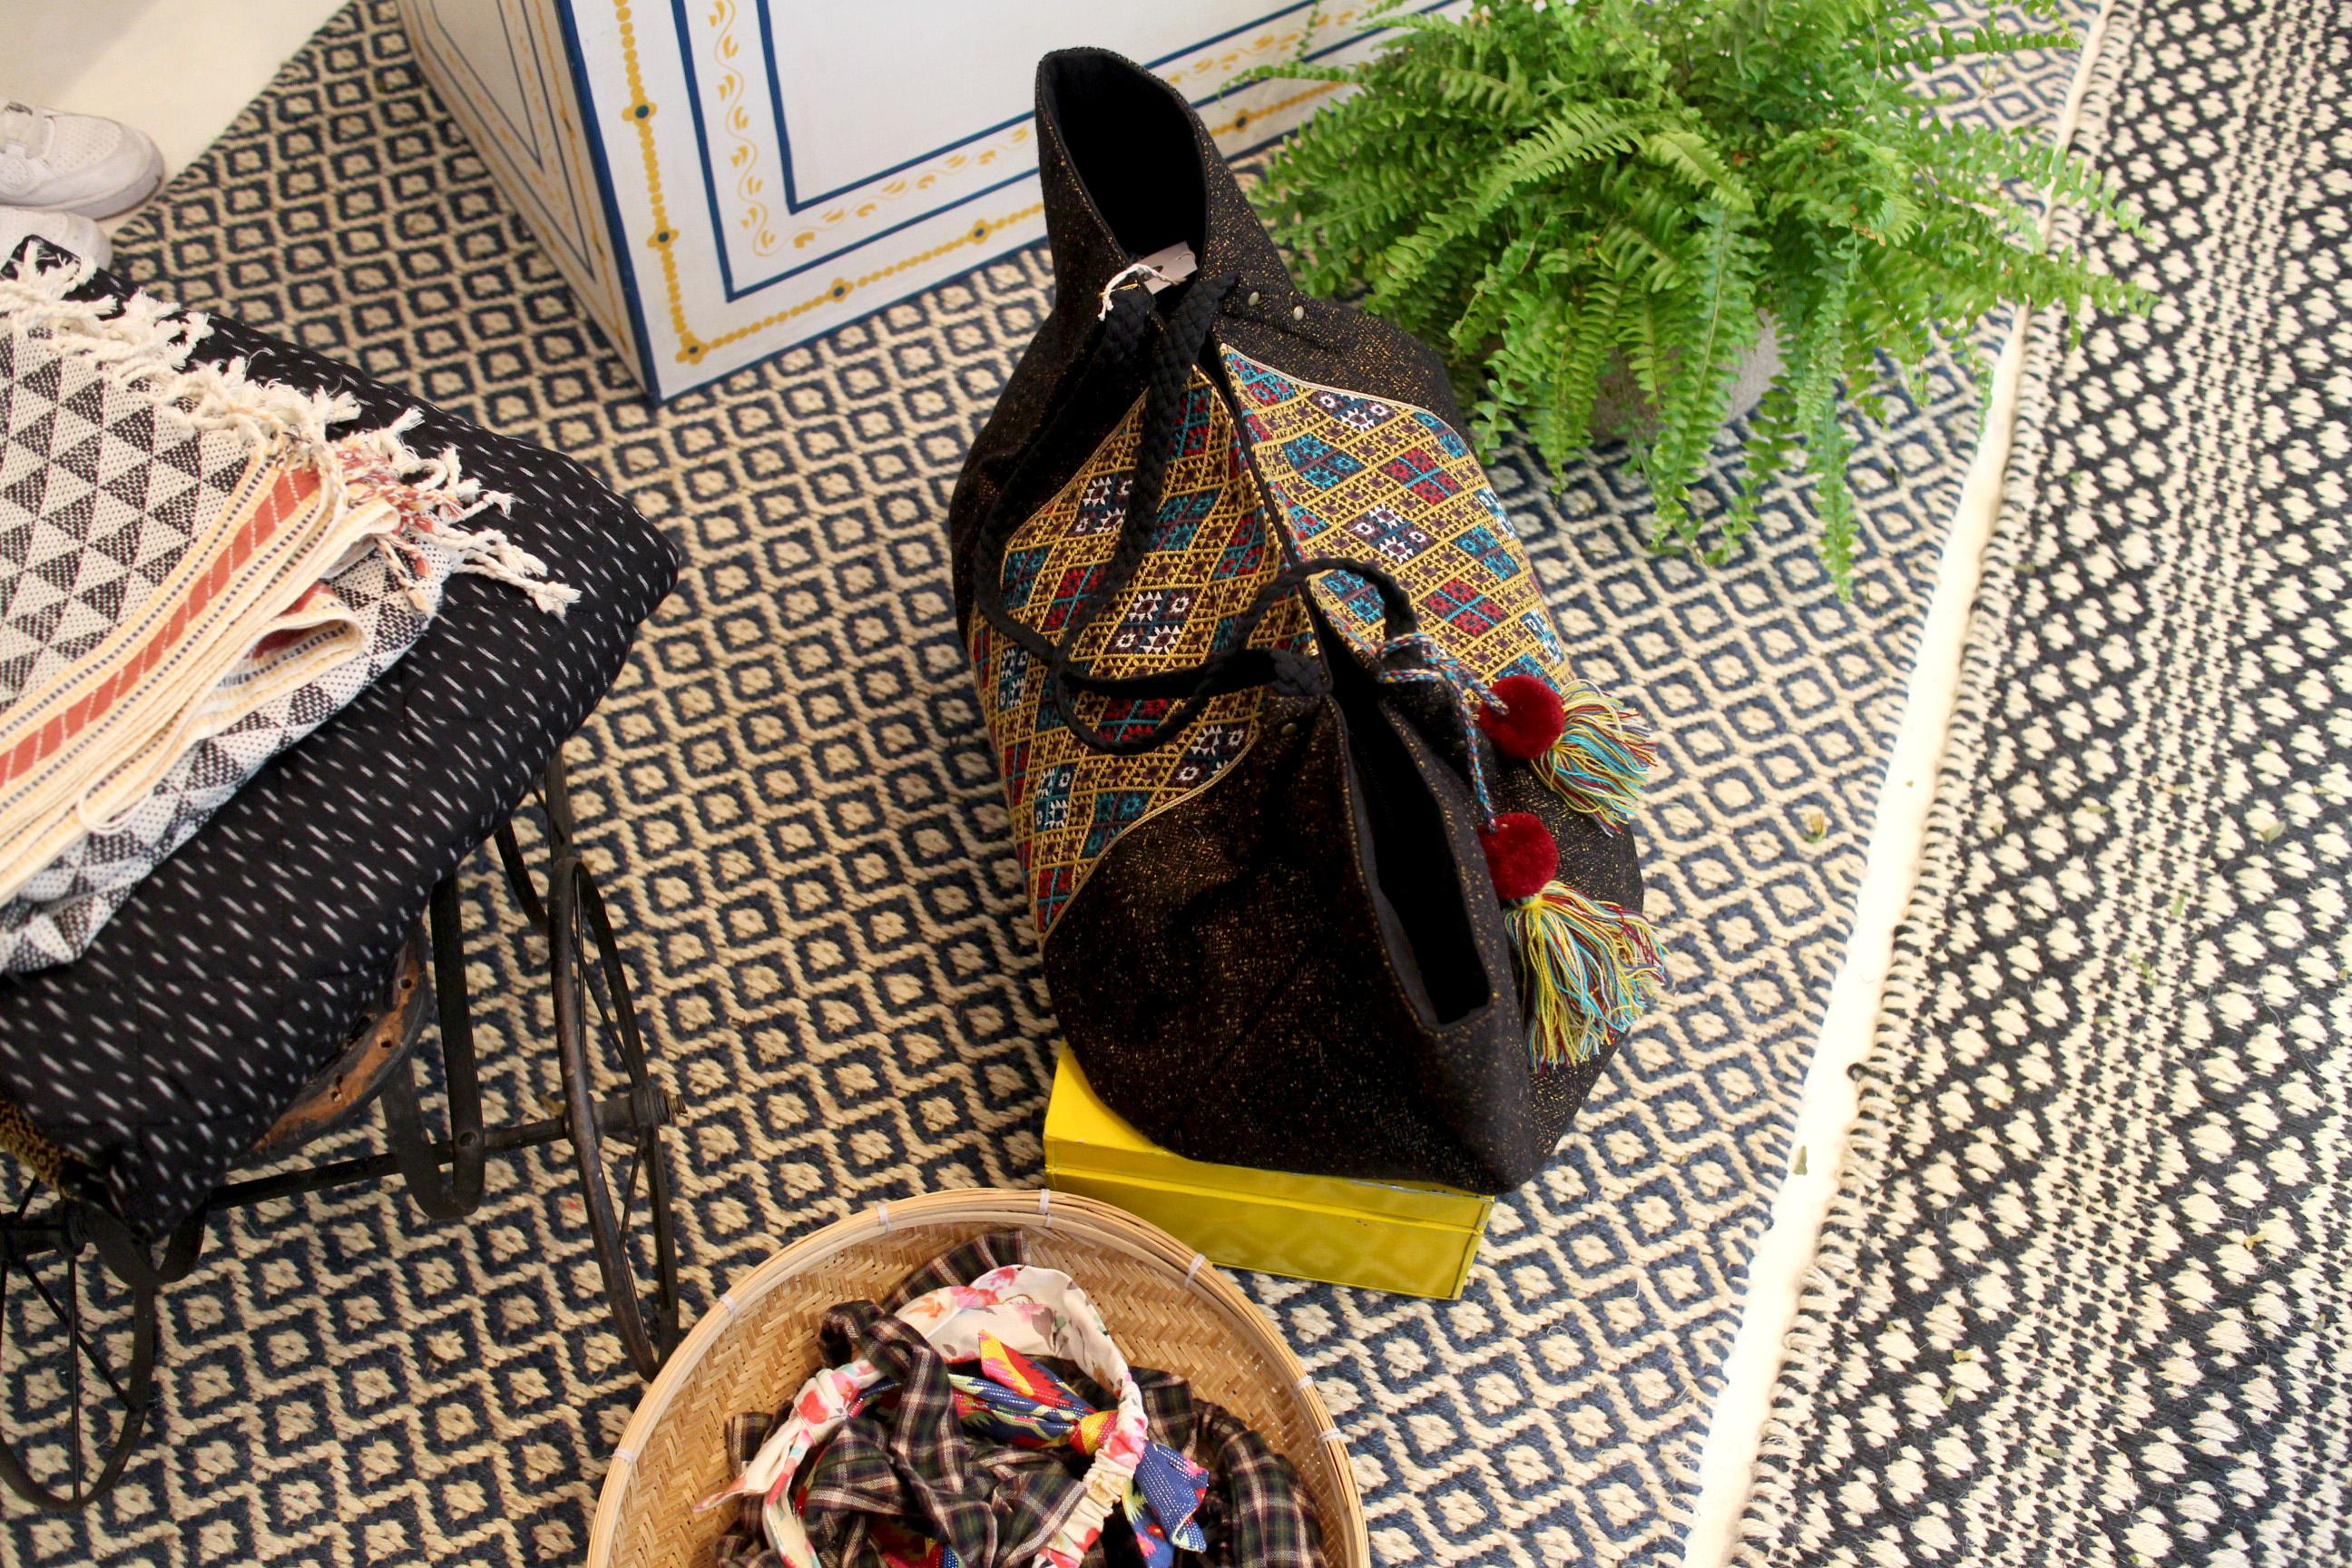 Entre savoir-faire traditionnel indien et raffinement parisien, Jamini a tout pour plaire. La deuxième boutique parisienne vient tout juste d'ouvrir.